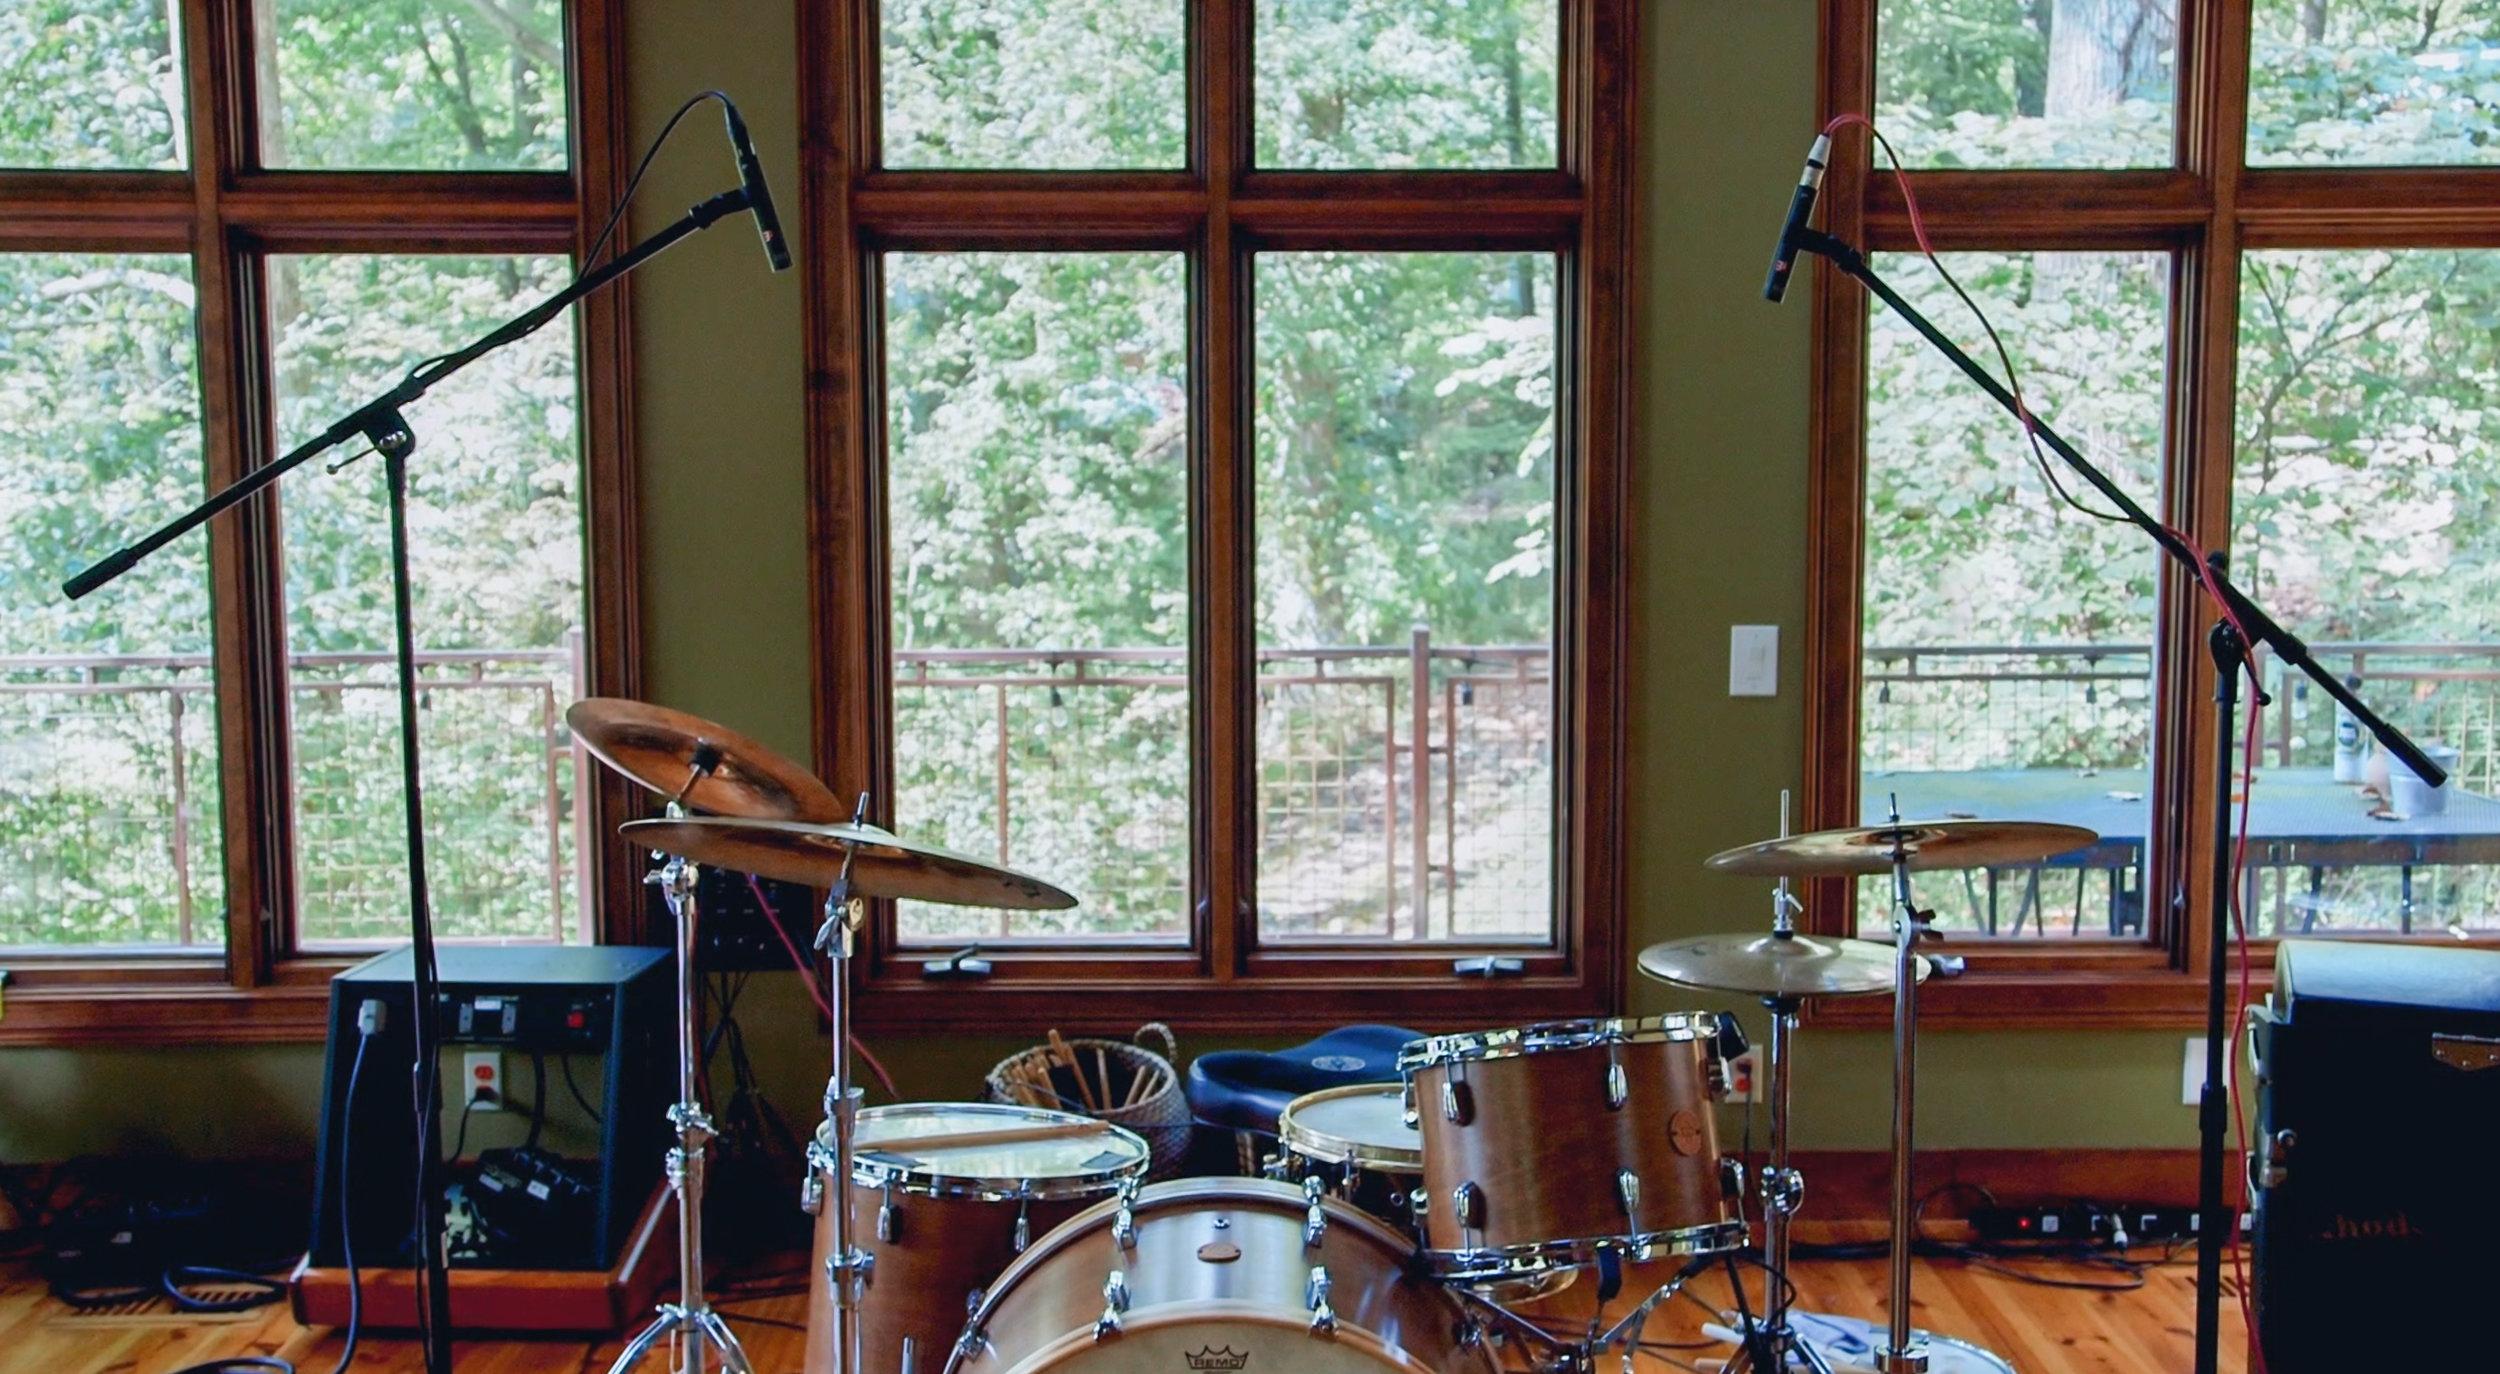 sE7-pair-drums-wide.jpg